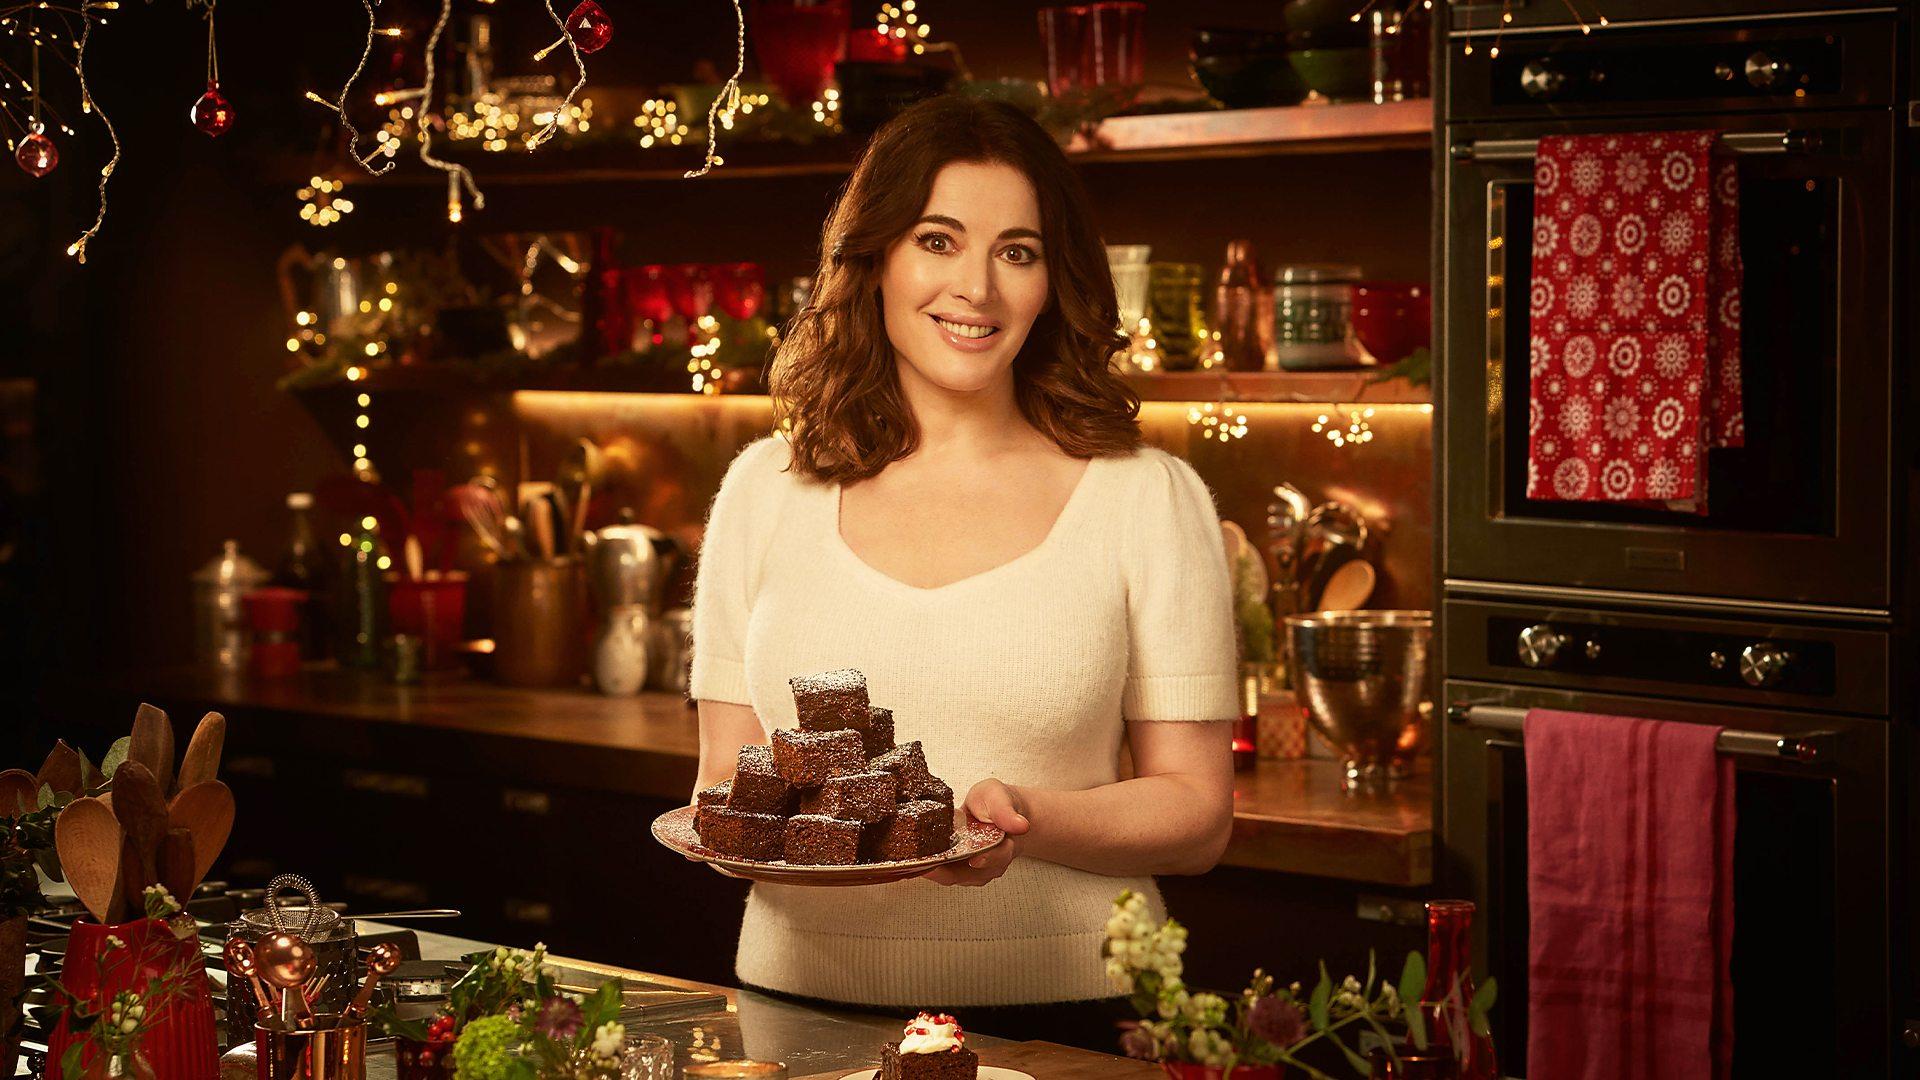 纪录片.BBC.美食.品味.重复:圣诞特集.S01.2020[高清][英字]